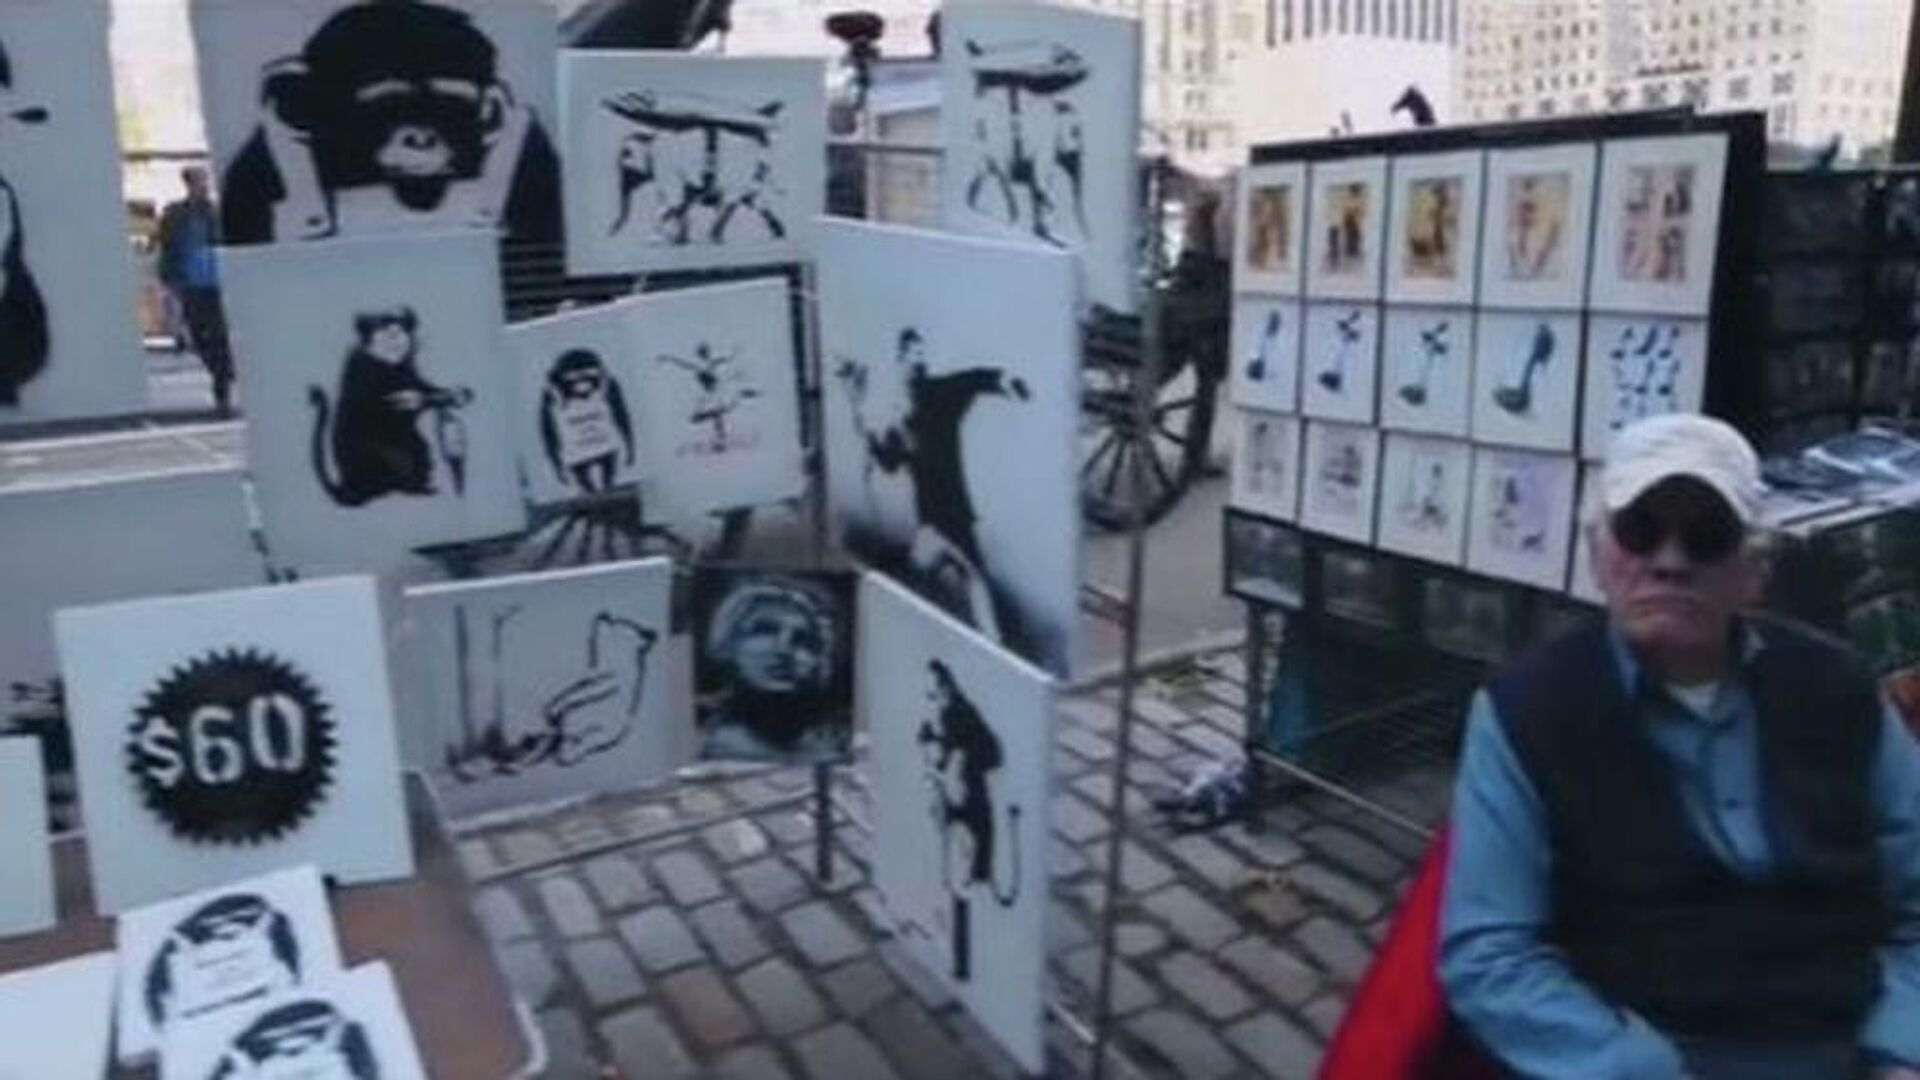 Η μέρα που ο Banksy πούλαγε αυθεντικά έργα του στον δρόμο και δεν αγόραζε κανείς - Sputnik Ελλάδα, 1920, 25.09.2021